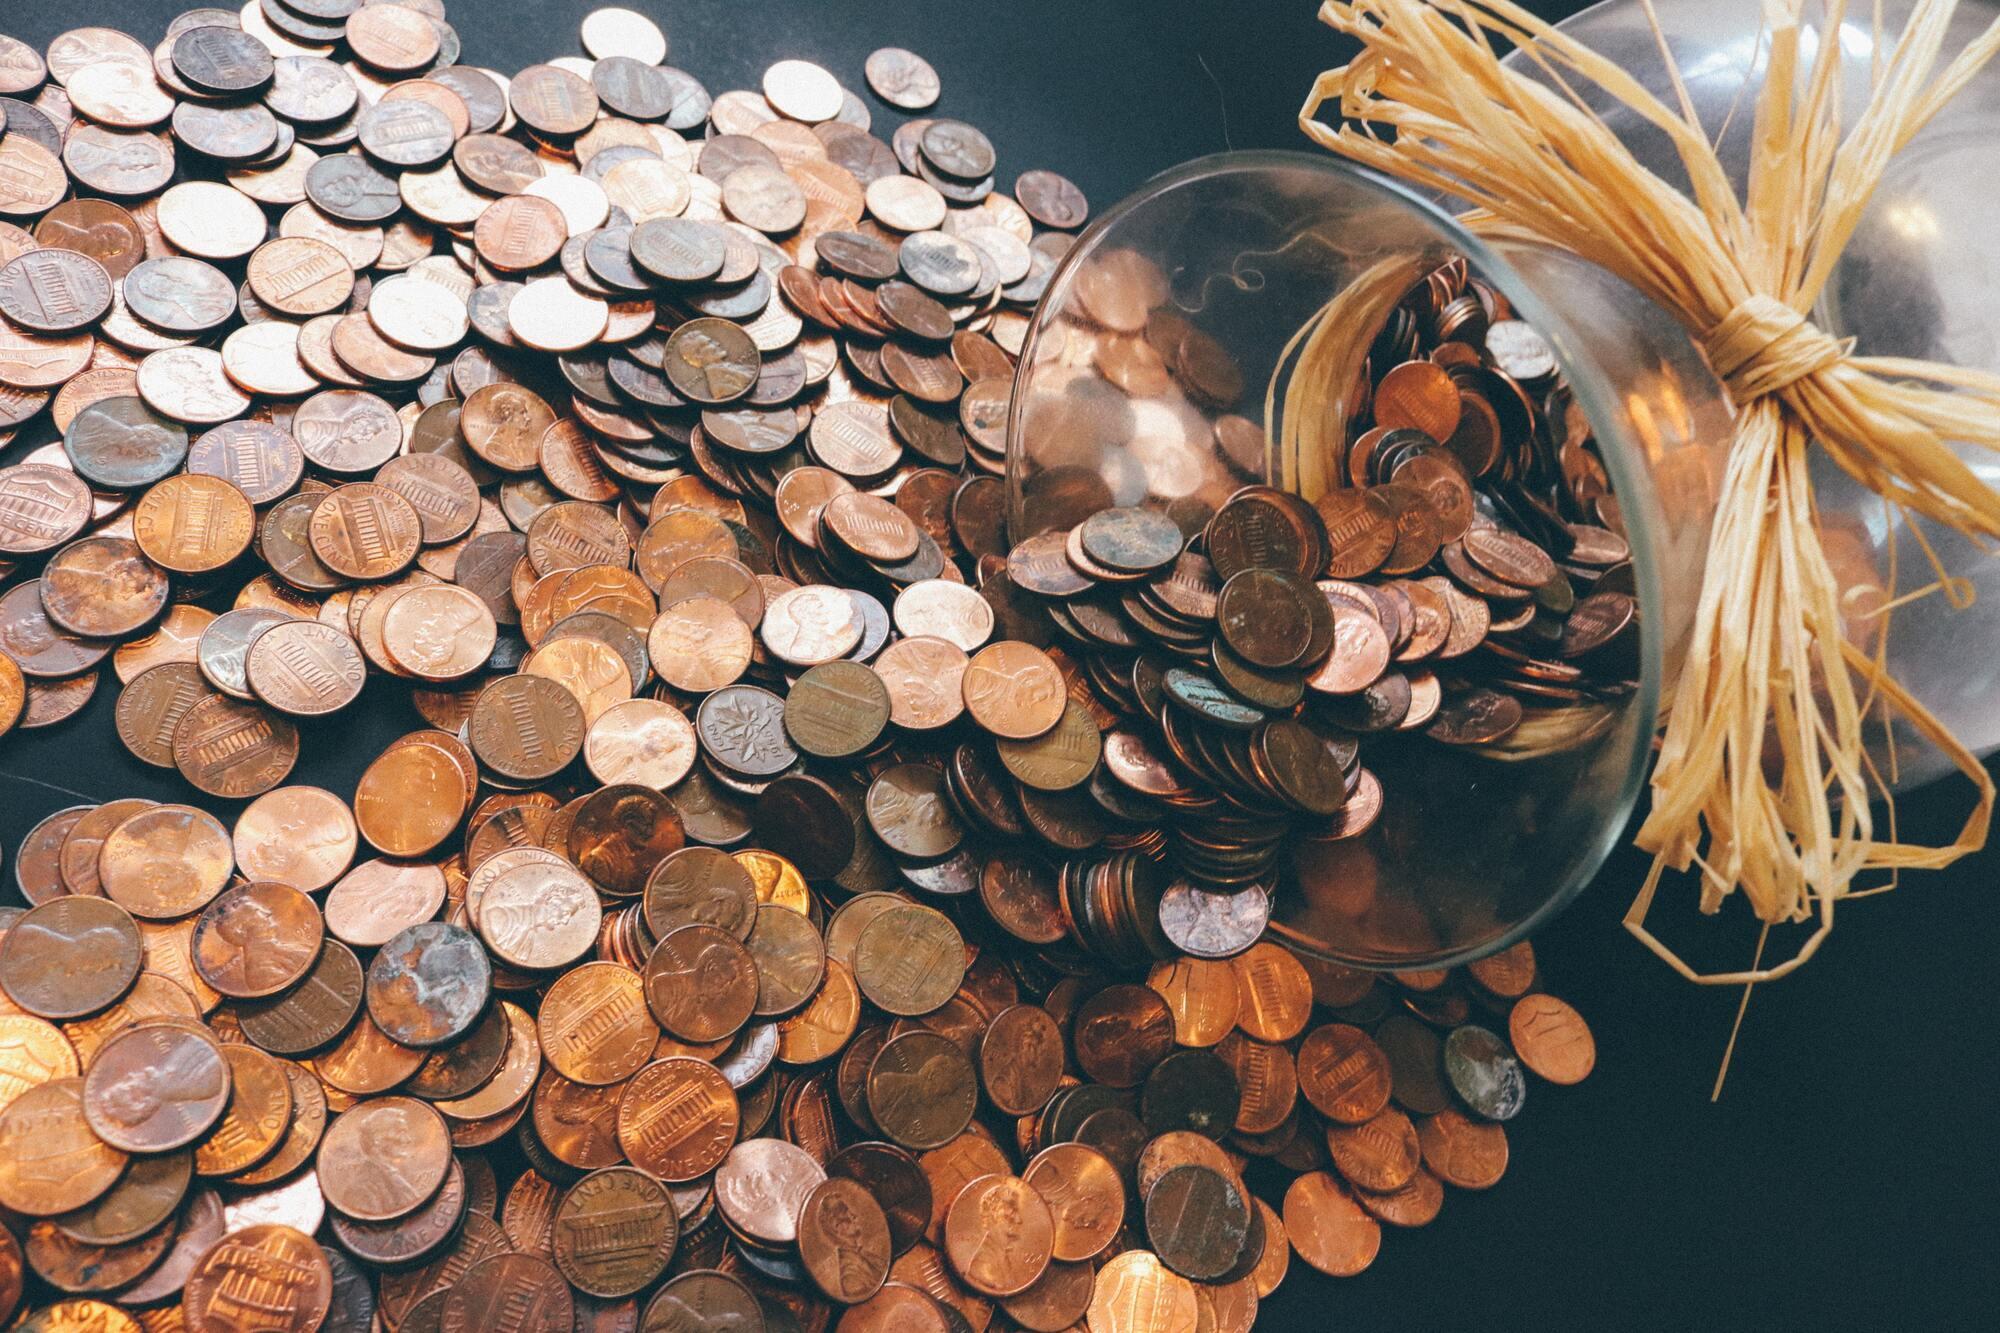 Привлечь деньги в дом поможет монетка под ковриком